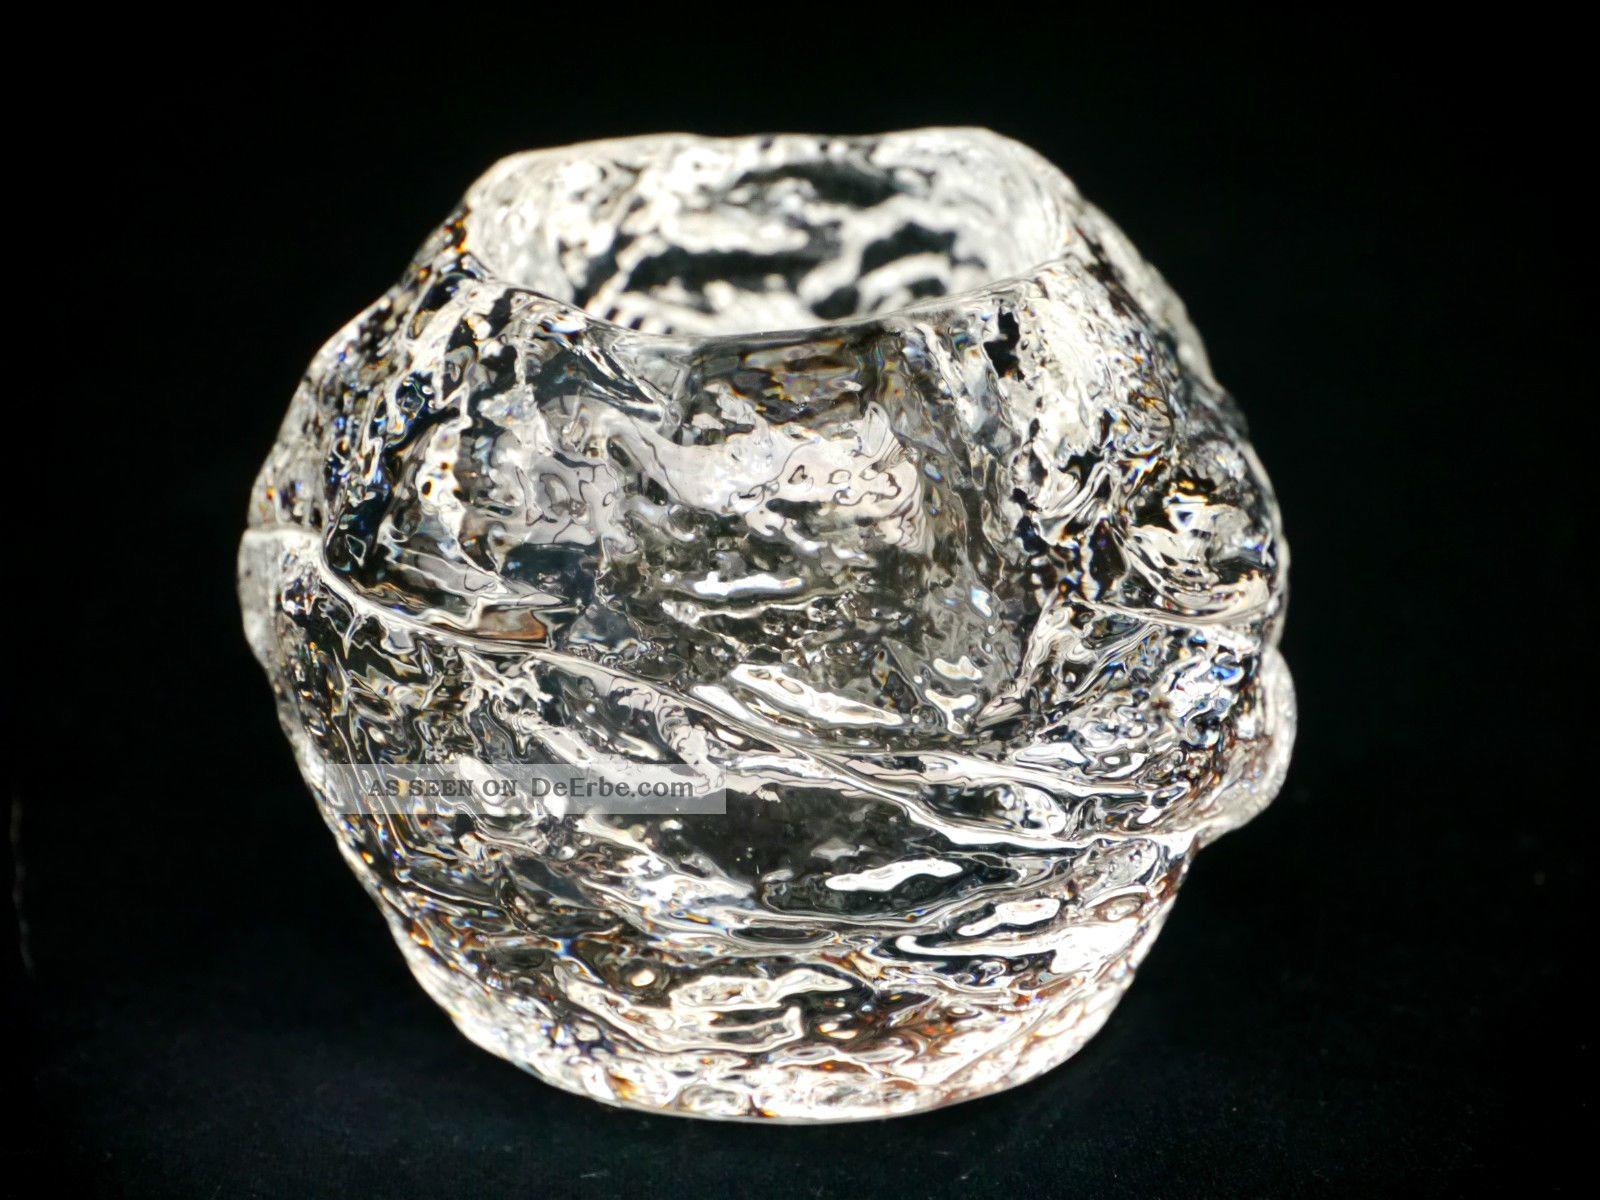 snowball kerzenhalter design ann w rff kosta boda teelichthalter 840 g schweden. Black Bedroom Furniture Sets. Home Design Ideas